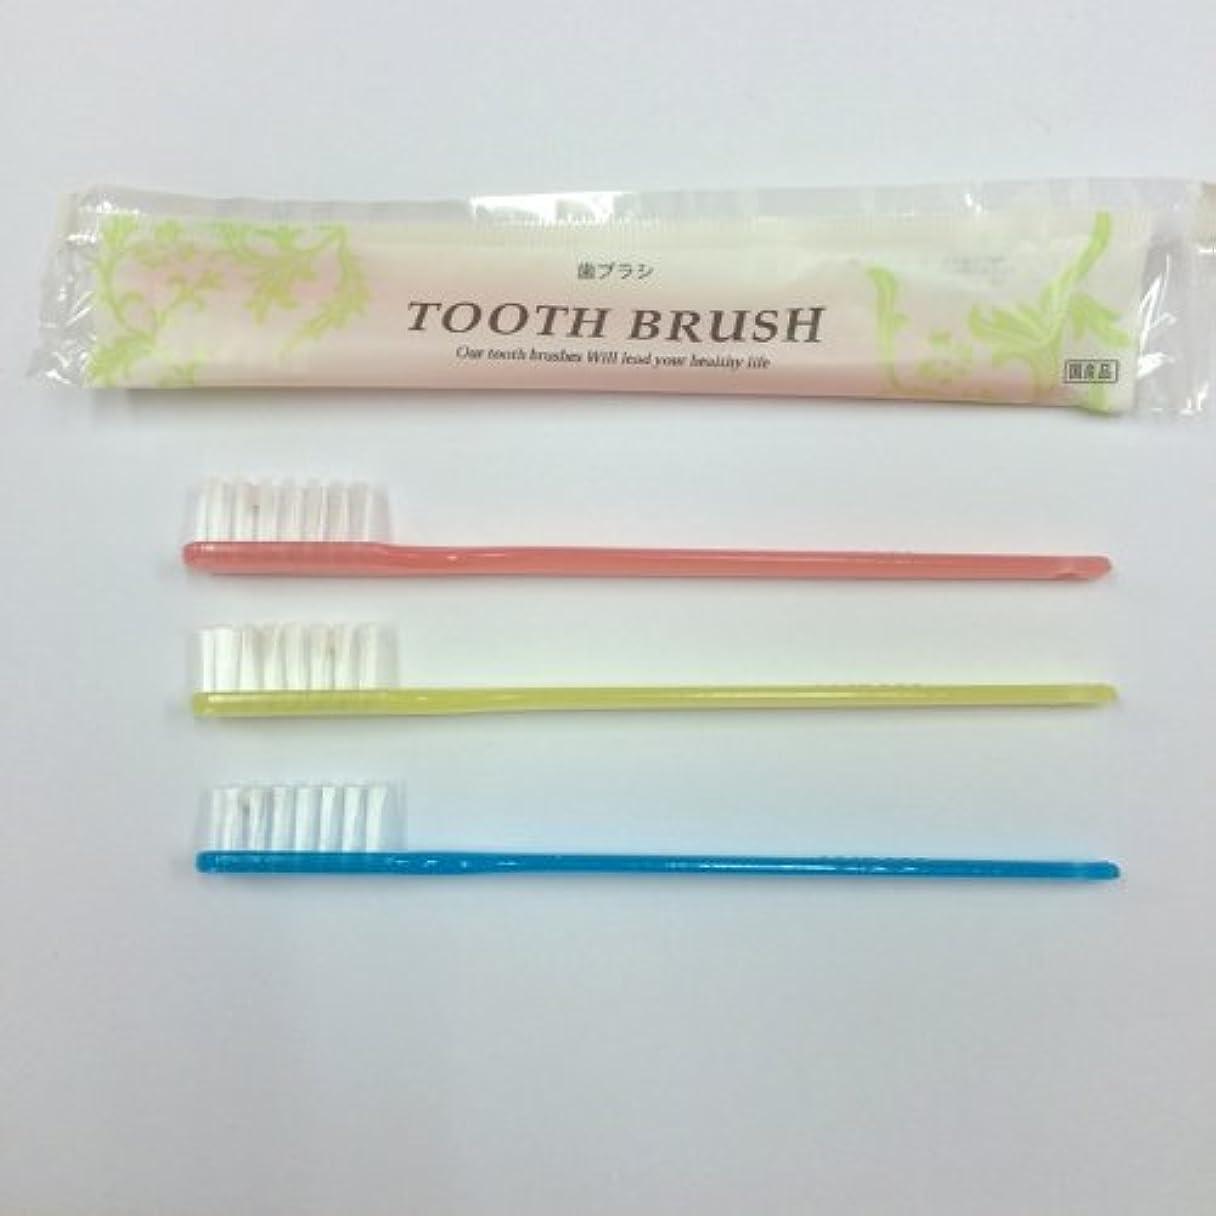 アシストちっちゃいサイレントインスタント歯ブラシ 3色アソート(ピンク?ブルー?イエロー) 200本